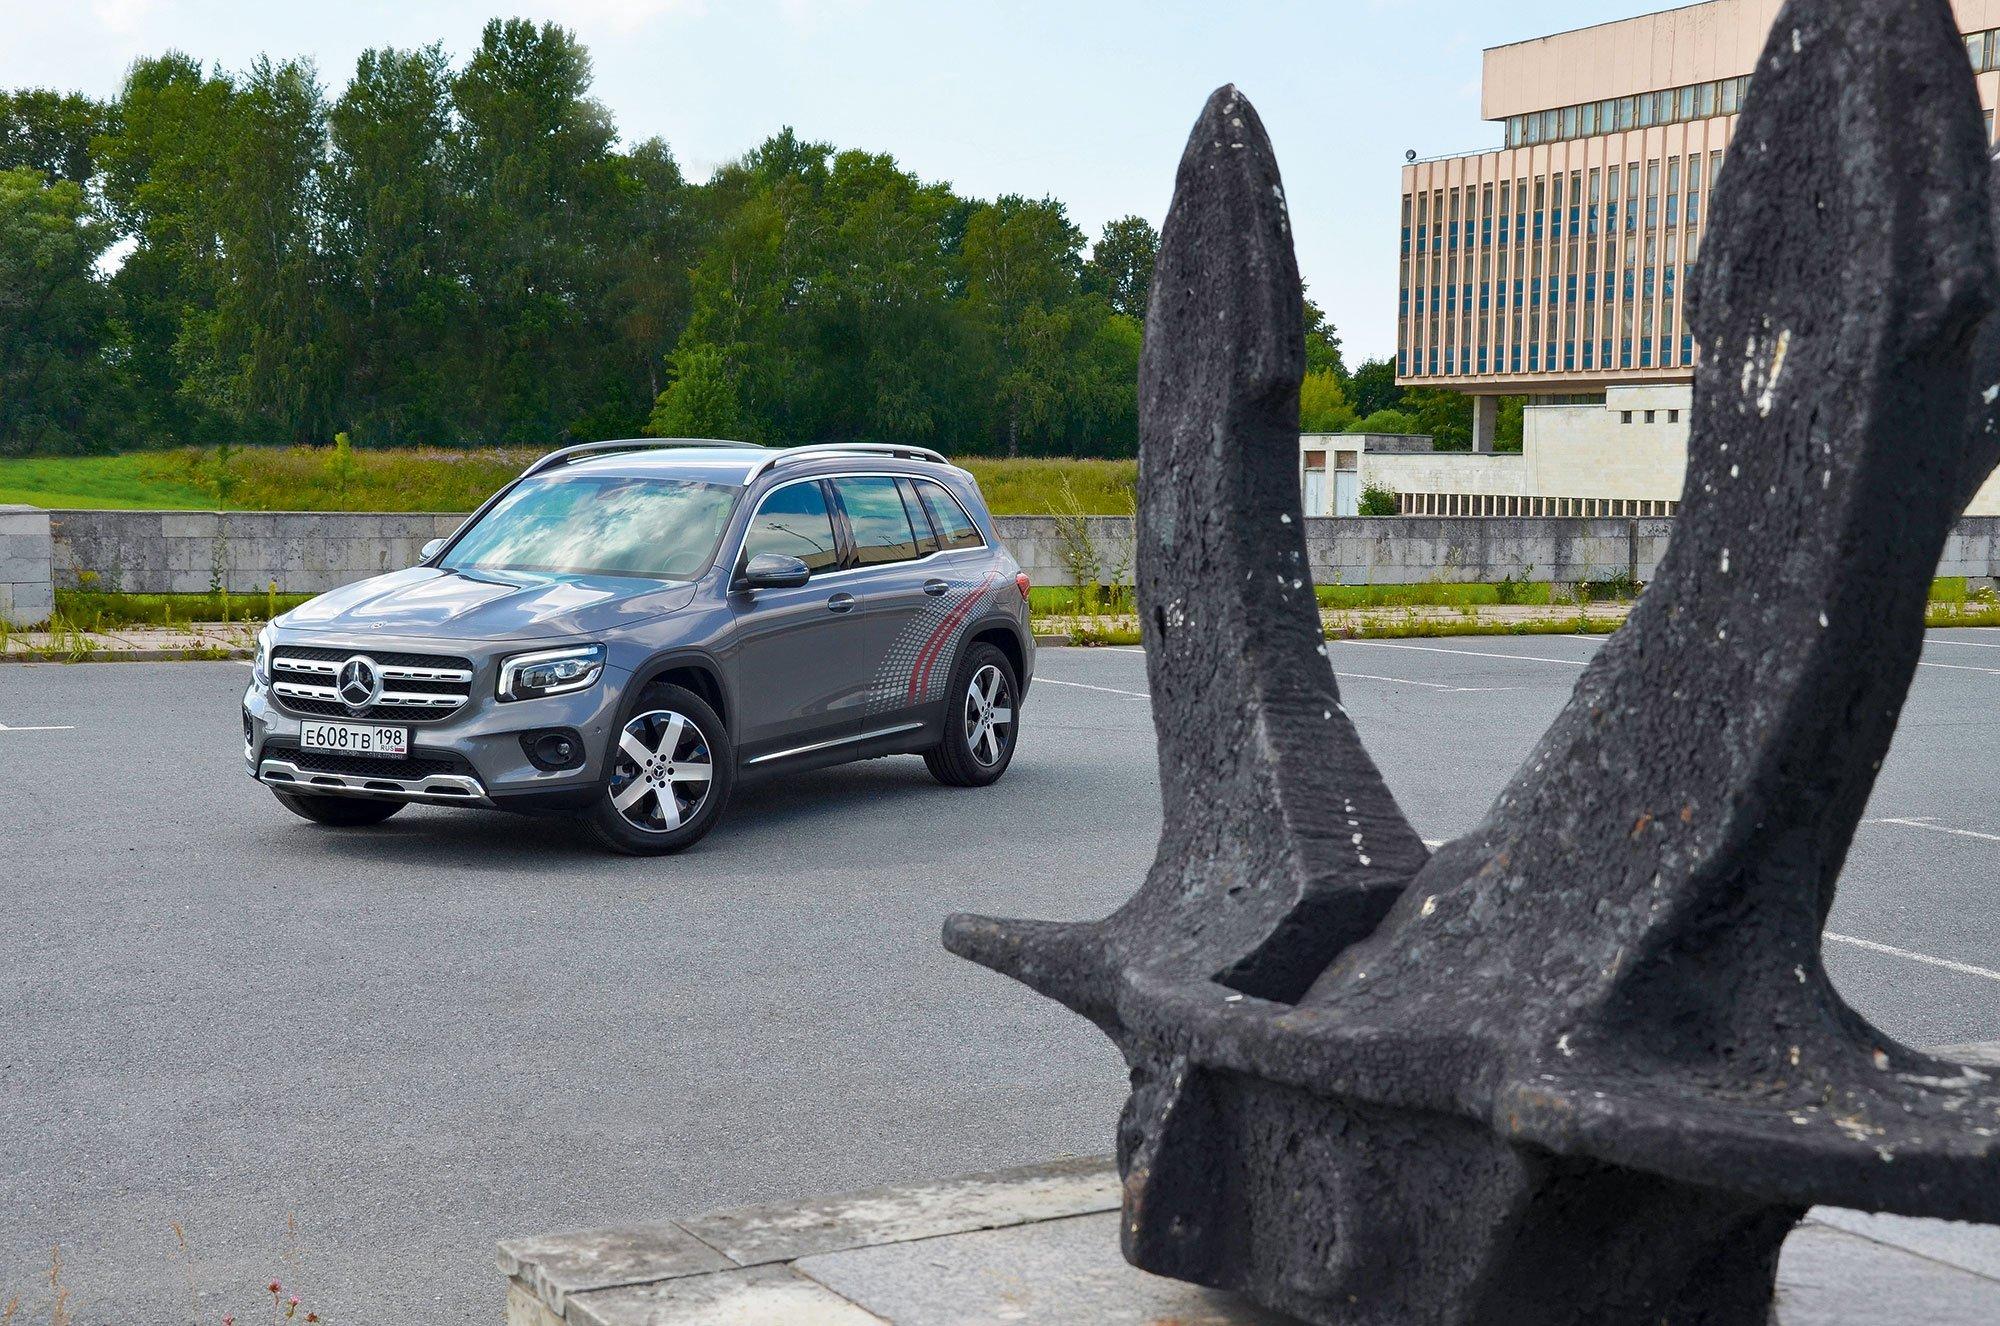 Тест самого доступного кроссовера «Мерседес»: чем Mercedes-Benz GLB порадовал кроме цены